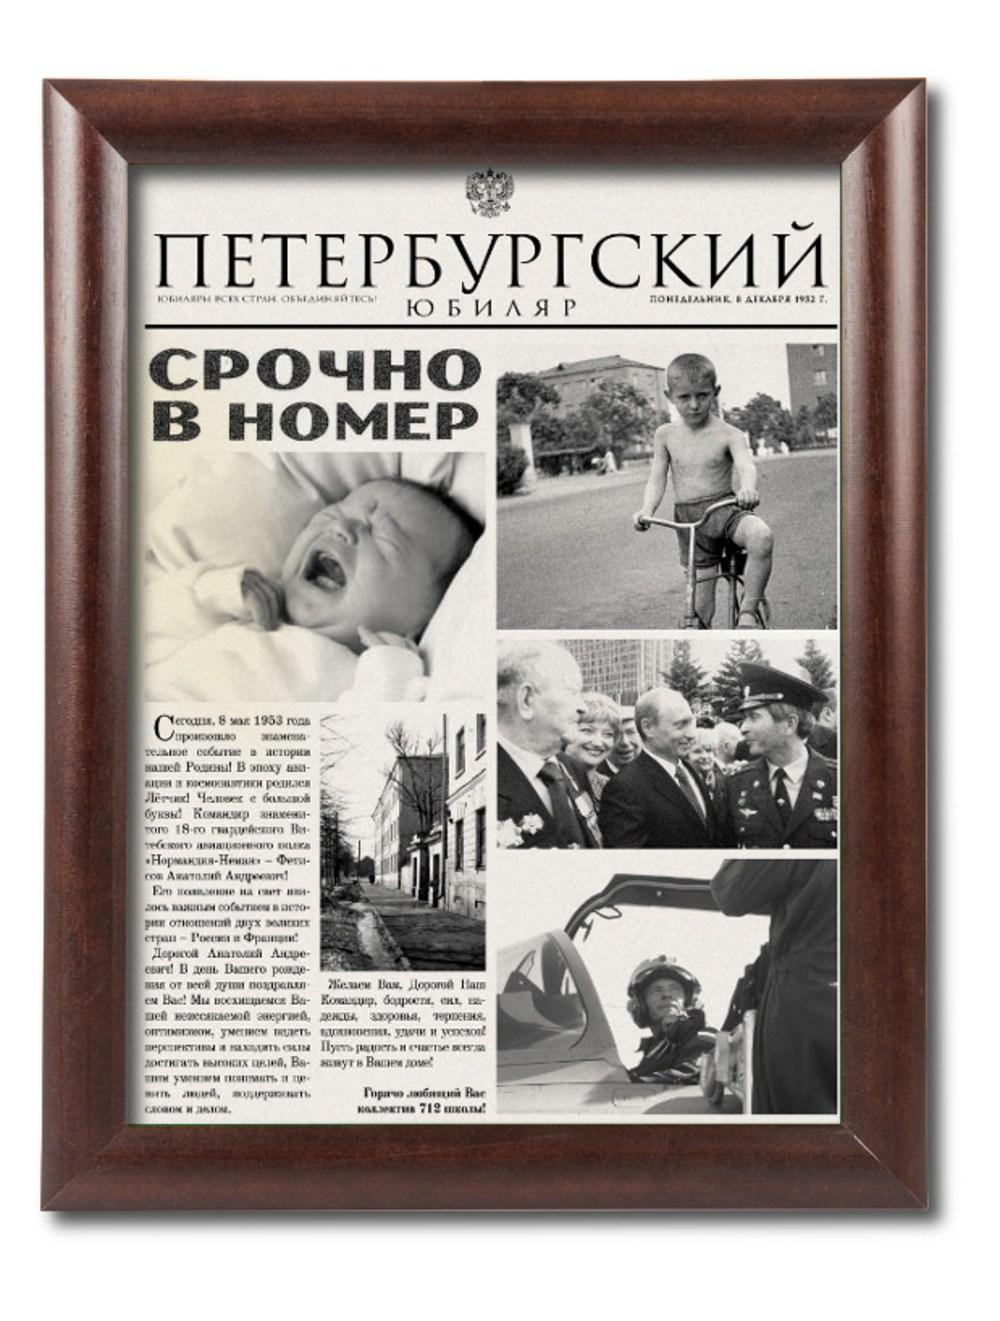 Персональная газета Петербургский юбиляр, рама Престиж-1